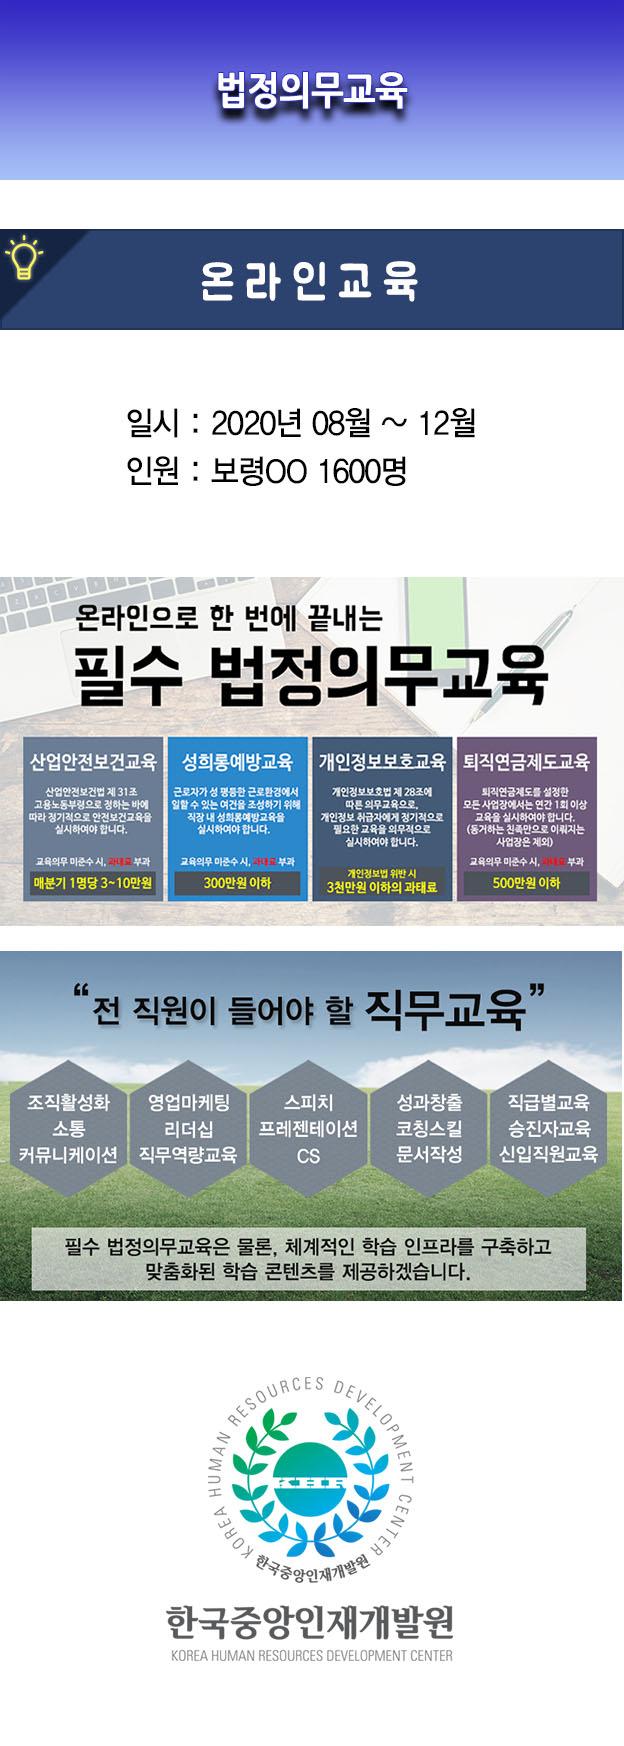 한국중앙인재개발원 공지사항(온라인) 보령시청 사본.jpg